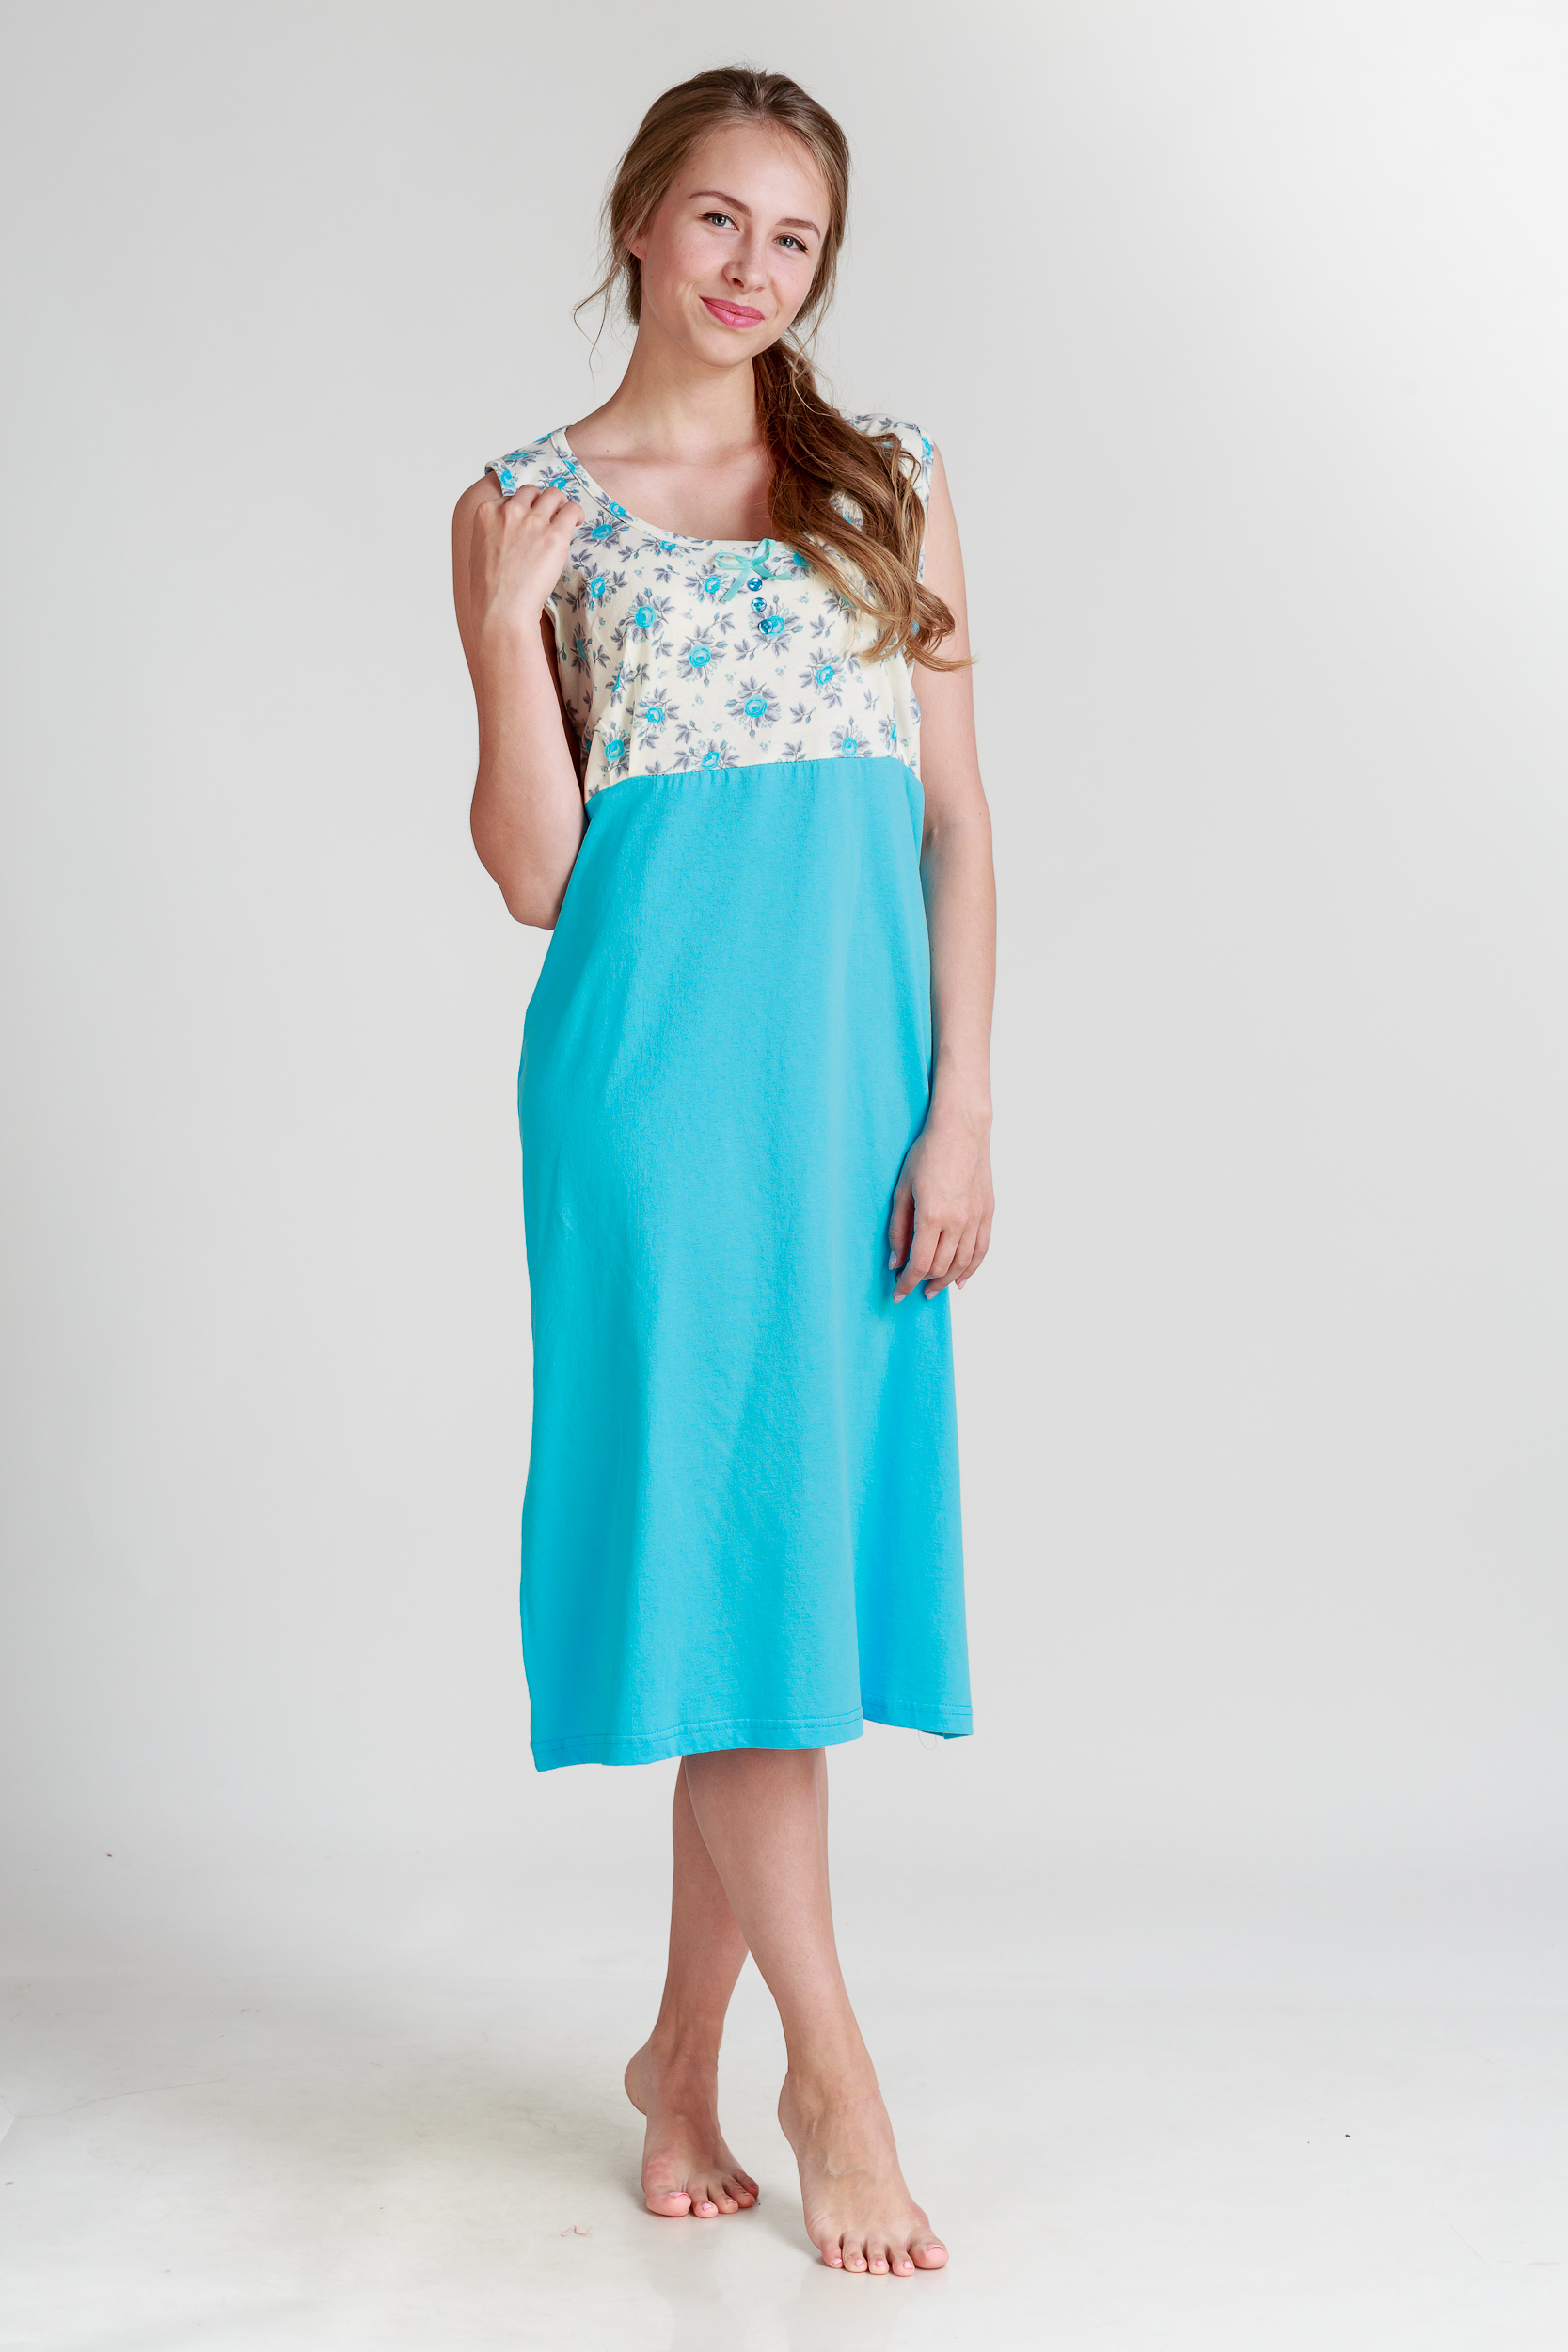 Ночные сорочки Pastilla Ночная сорочка Ваниль Цвет: Голубой (xL) сорочка ночная для беременных и кормящих мамин дом мамин дом цвет голубой 24130 размер 48